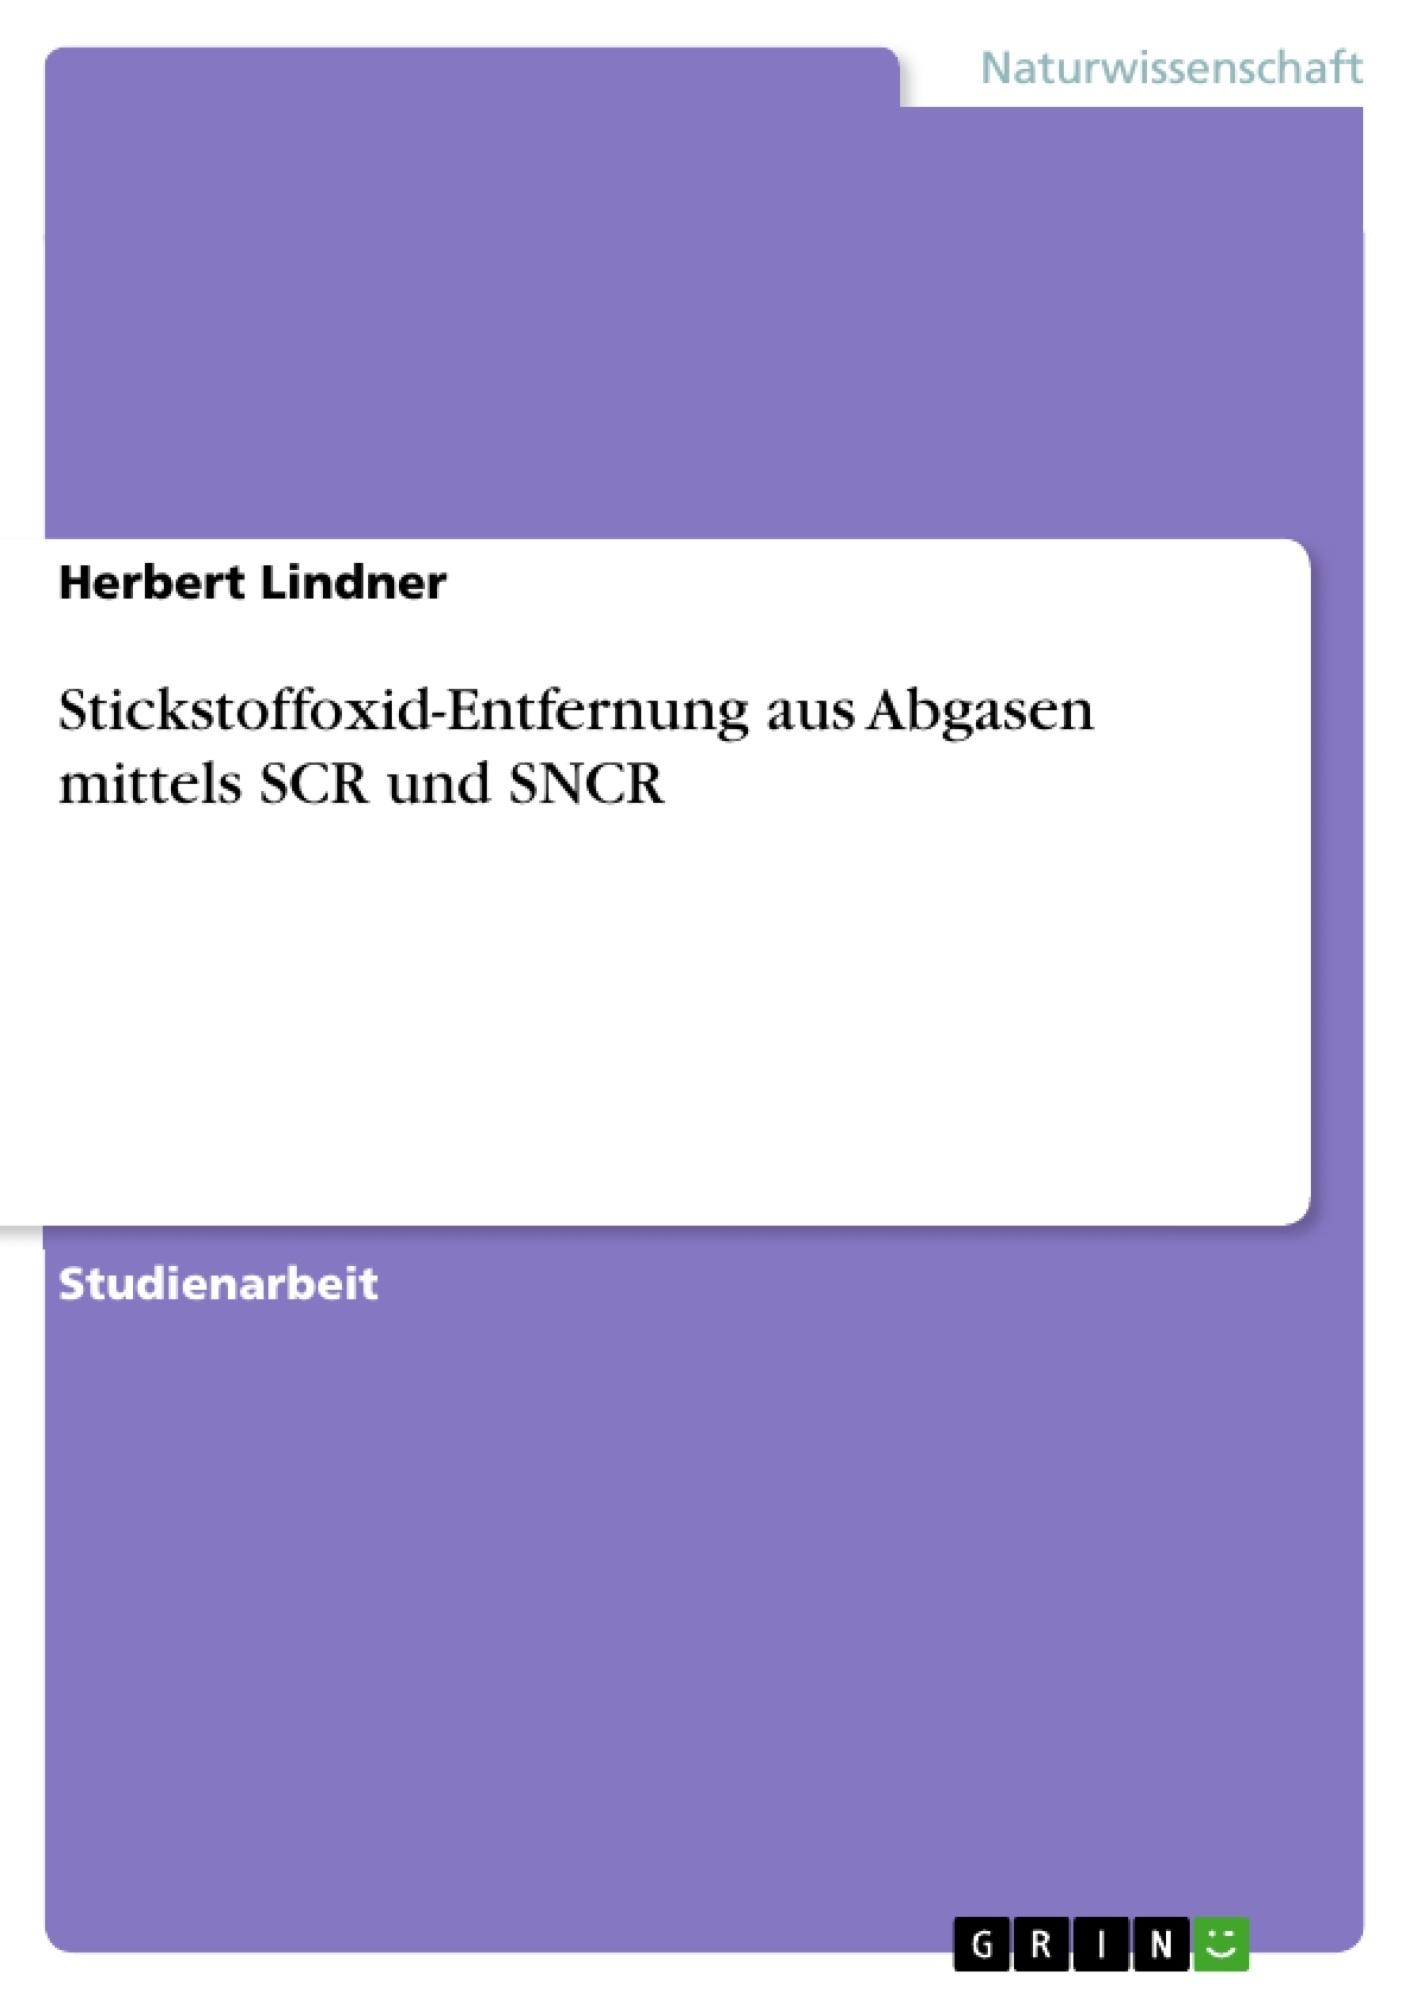 Titel: Stickstoffoxid-Entfernung aus Abgasen mittels SCR und SNCR